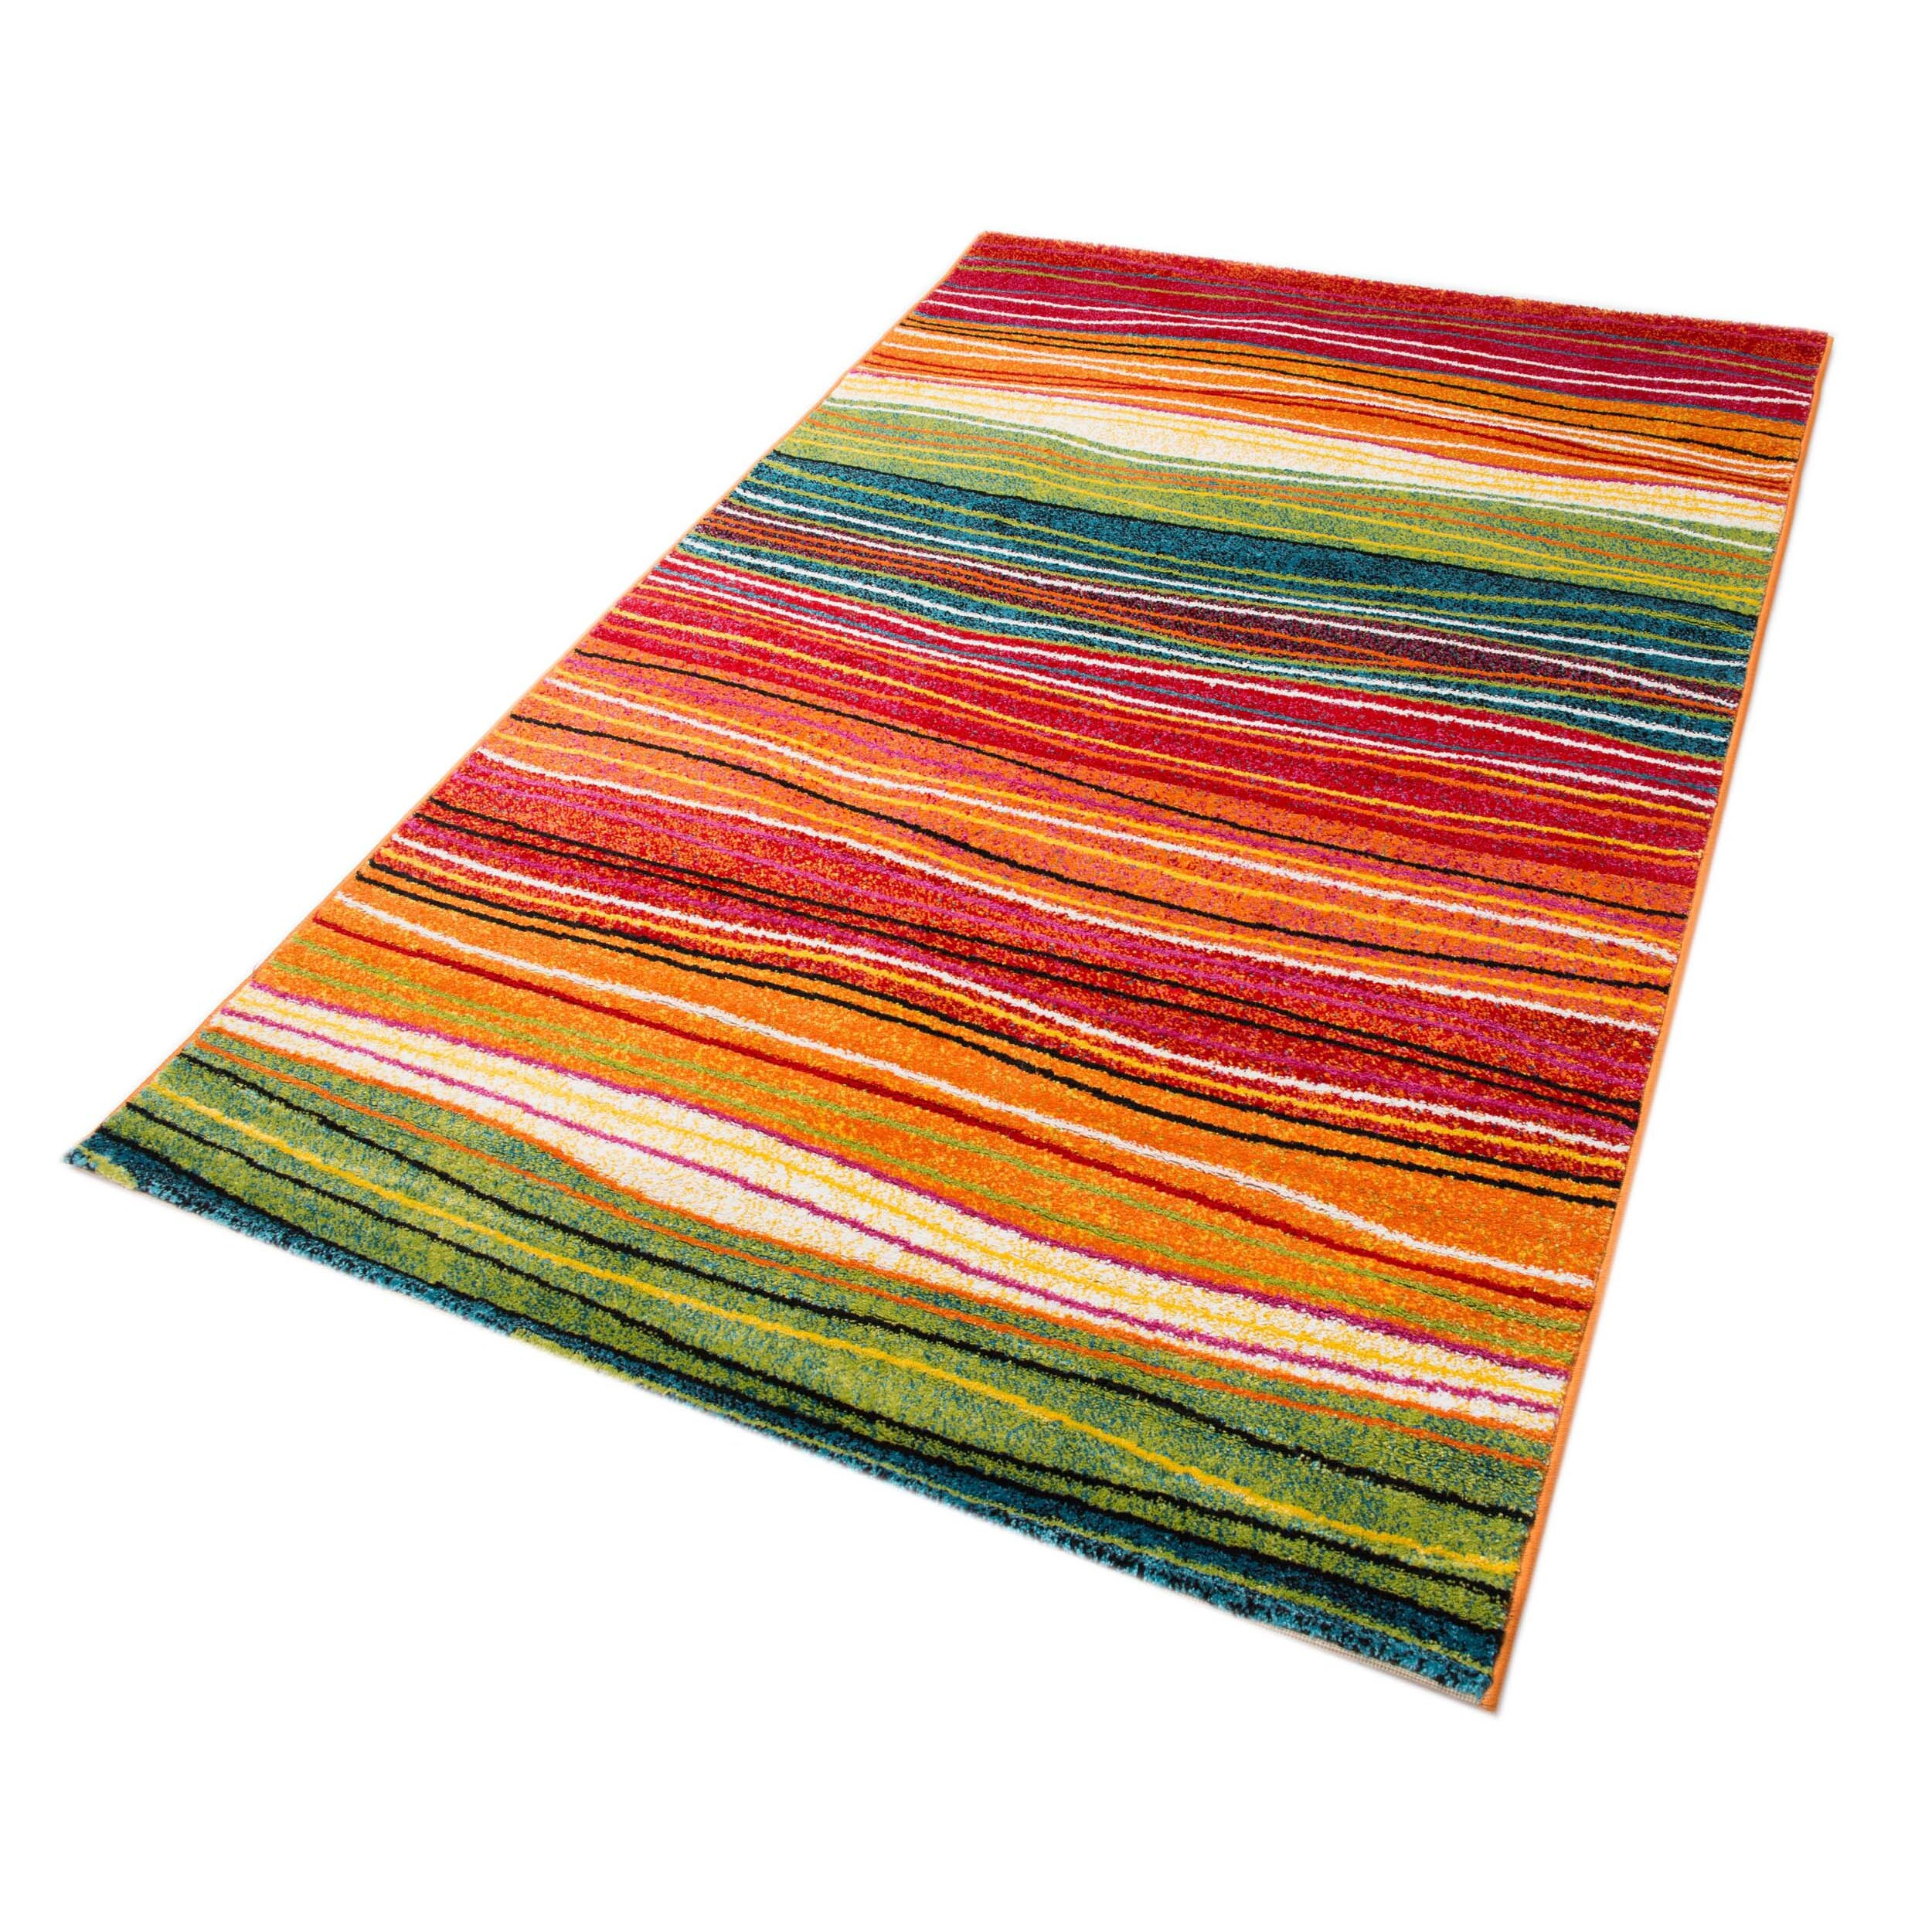 Teppich Rainbow in Bunt von Caracella  Wayfairde